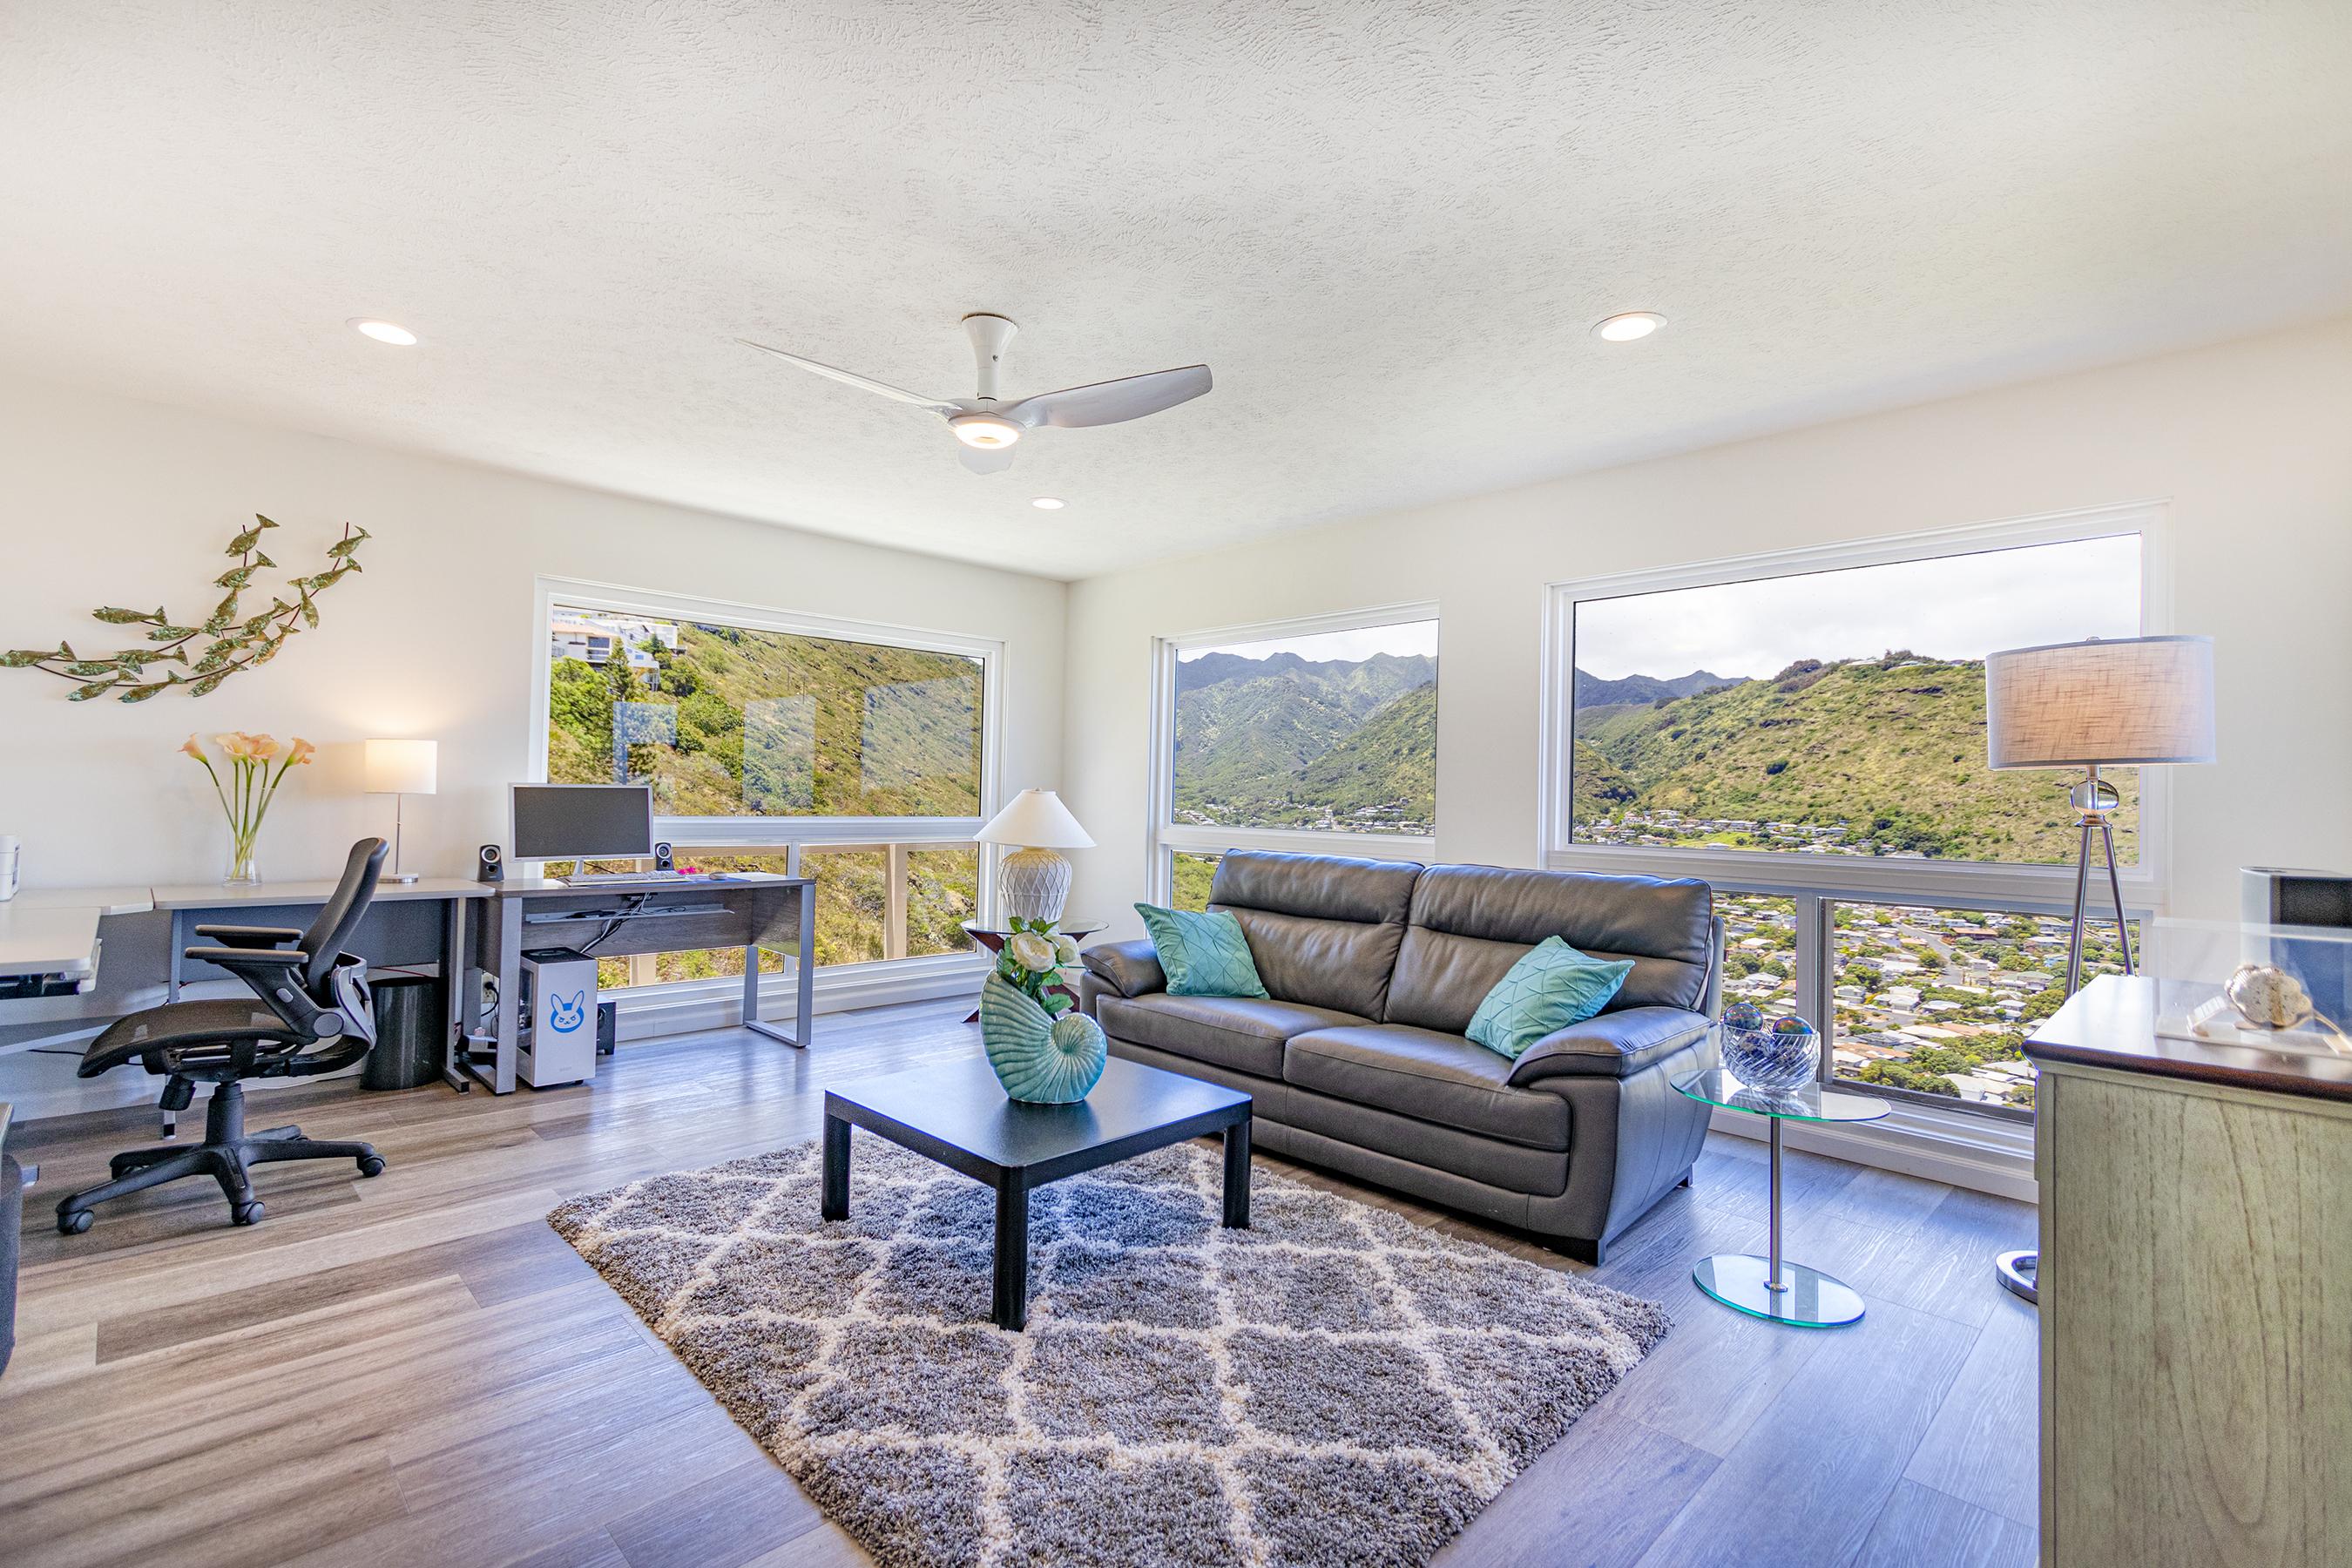 Living room extension at 5307 Poola St Honolulu 96821